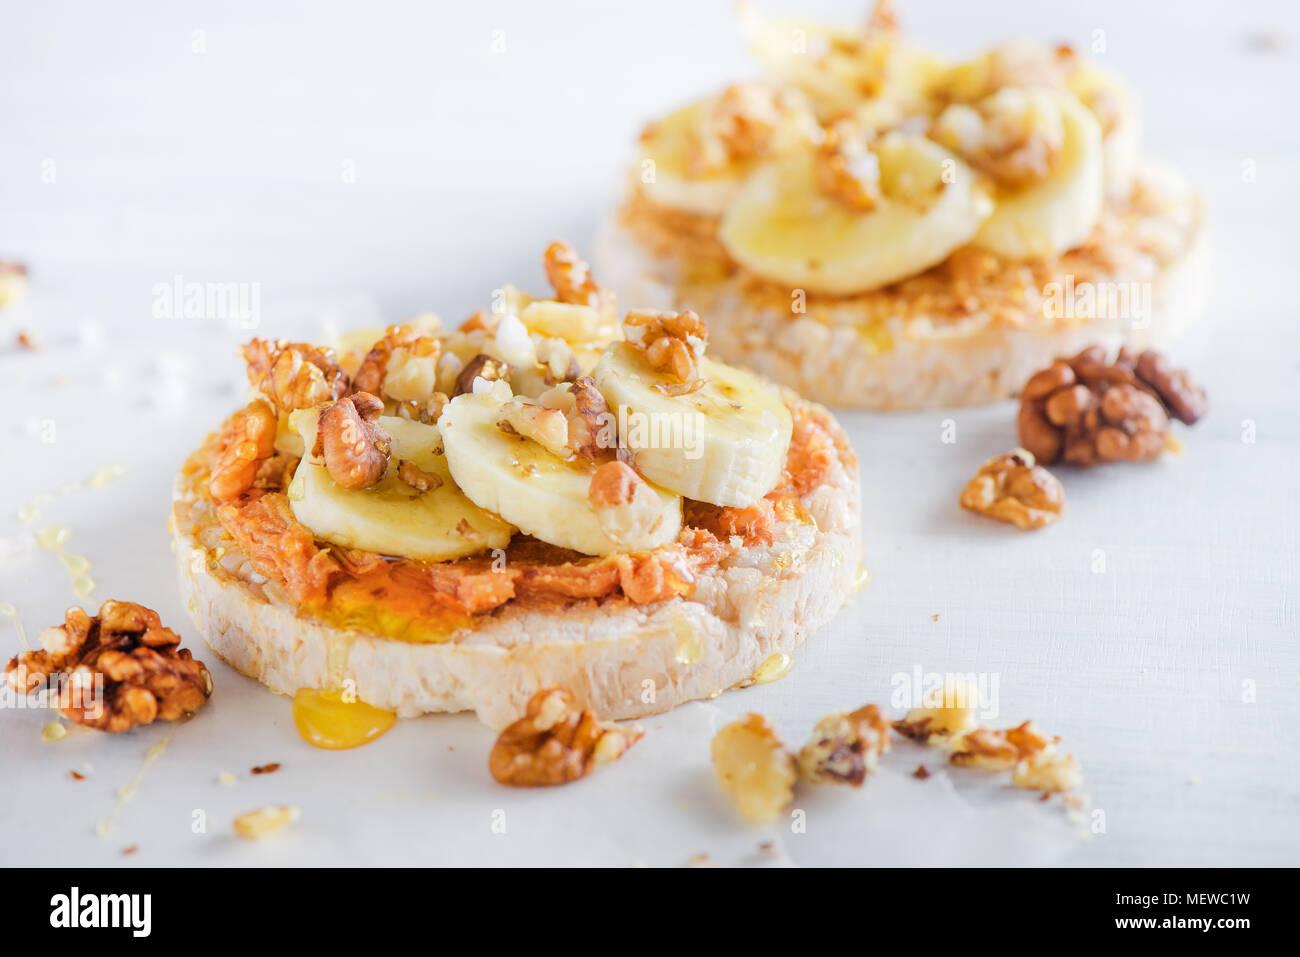 Knäckebrot Banane und Erdnussbutter Snack. Gesundes Frühstück mit Walnüssen und Honig. High key Diät Konzept. Stockbild